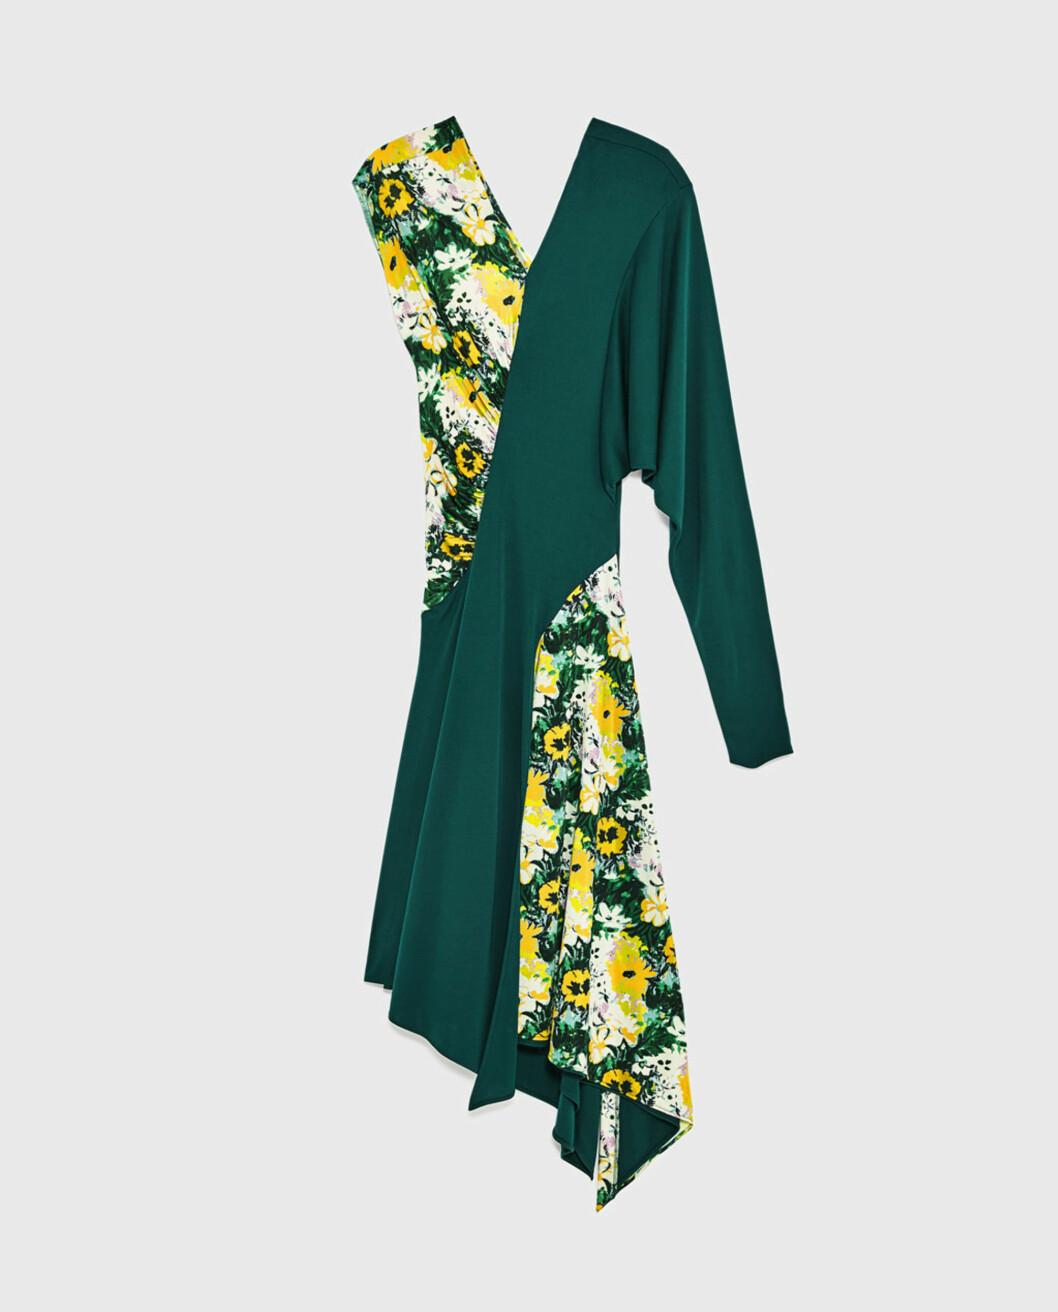 <strong>Kjole fra Zara | kr 999 | https:</strong>//www.zara.com/no/no/dame/nyheter/kombinert-asymmetrisk-kjole-c840002p5018510.html